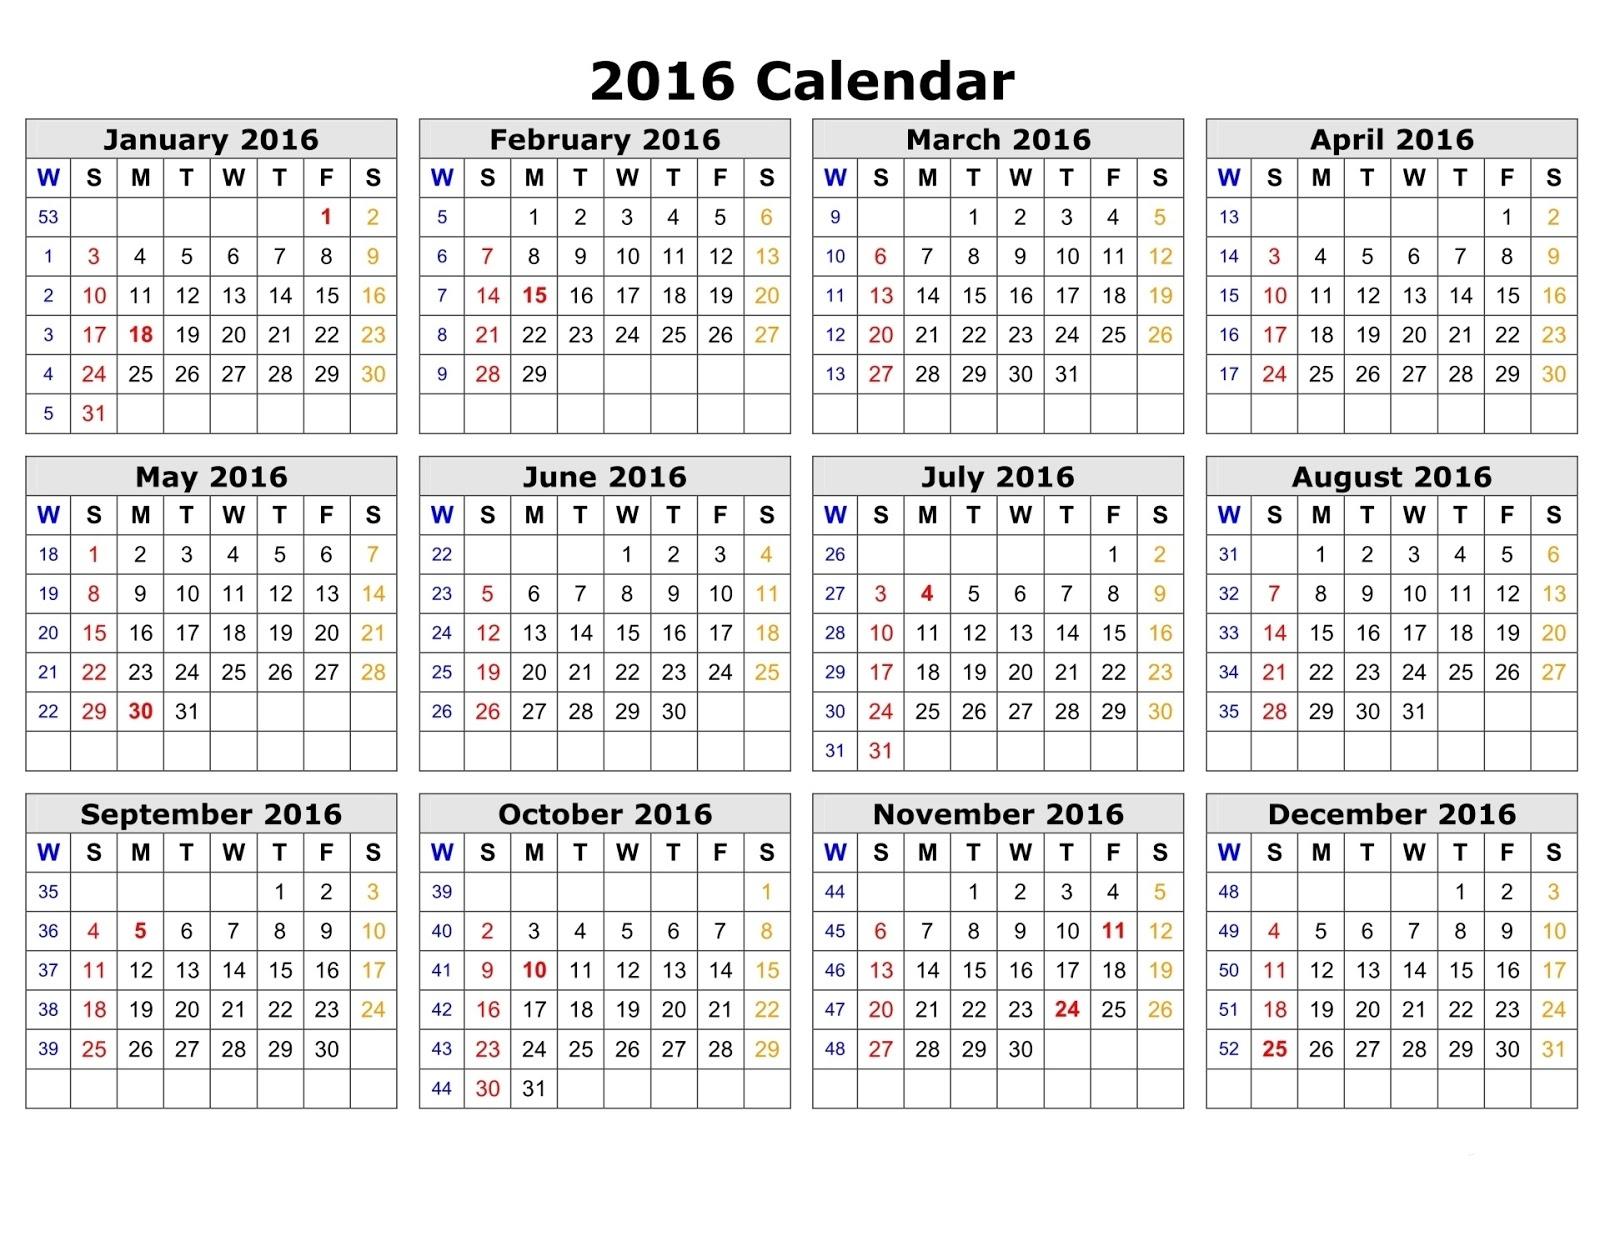 Calendar In Weeks : Calendar week numbers printable search results